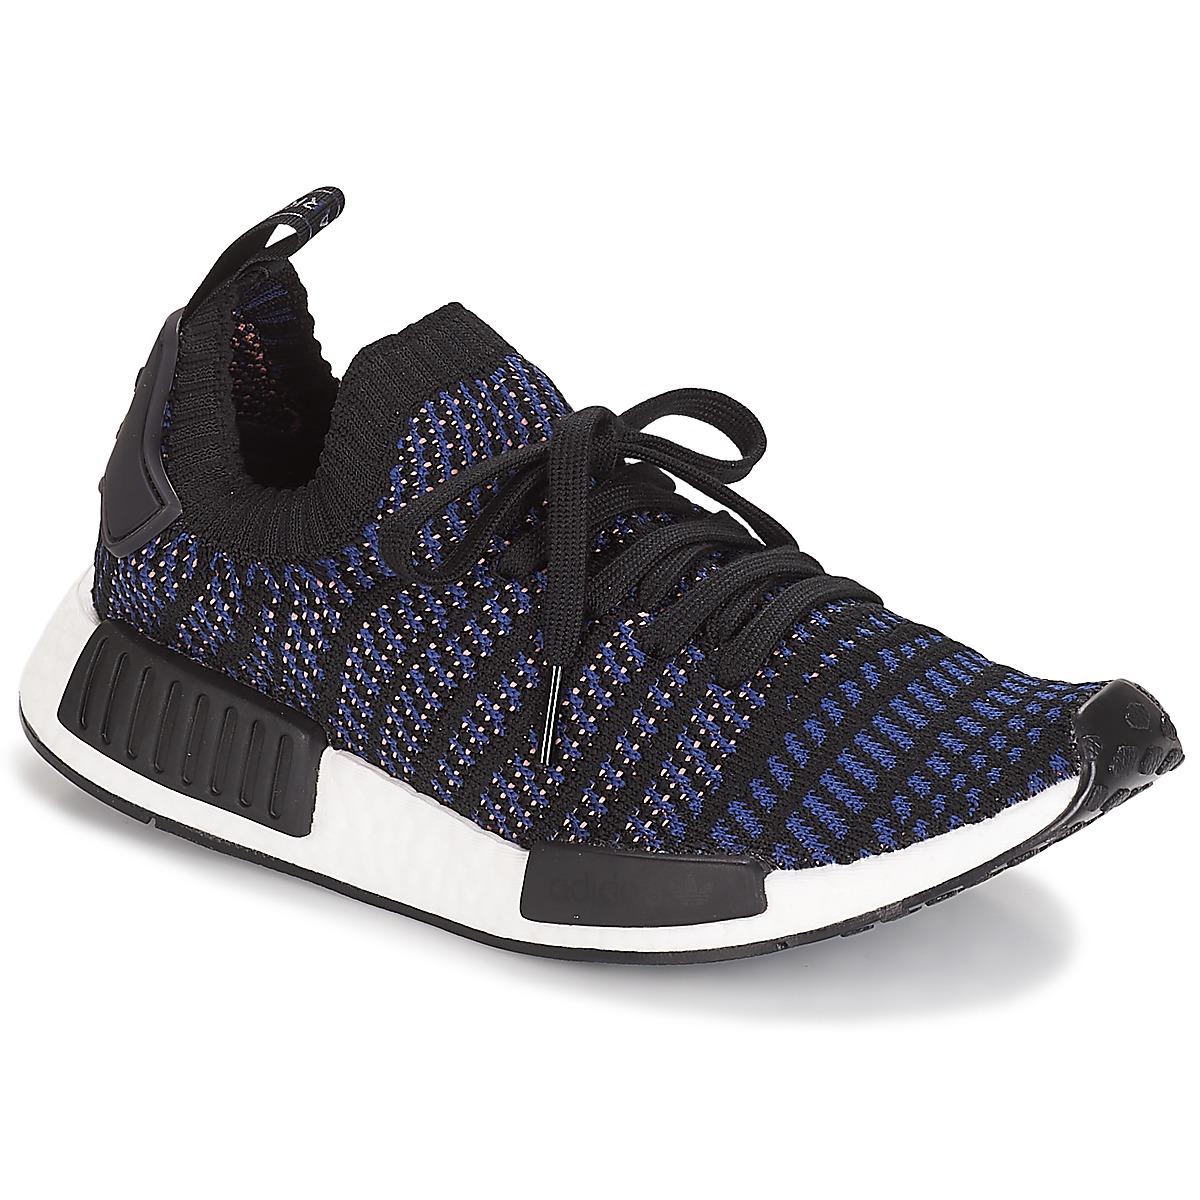 adidas Originals NMD R1 STLT PK W Schwarz - Kostenloser Versand bei Spartoode ! - Schuhe Sneaker Low Damen 179,95 €